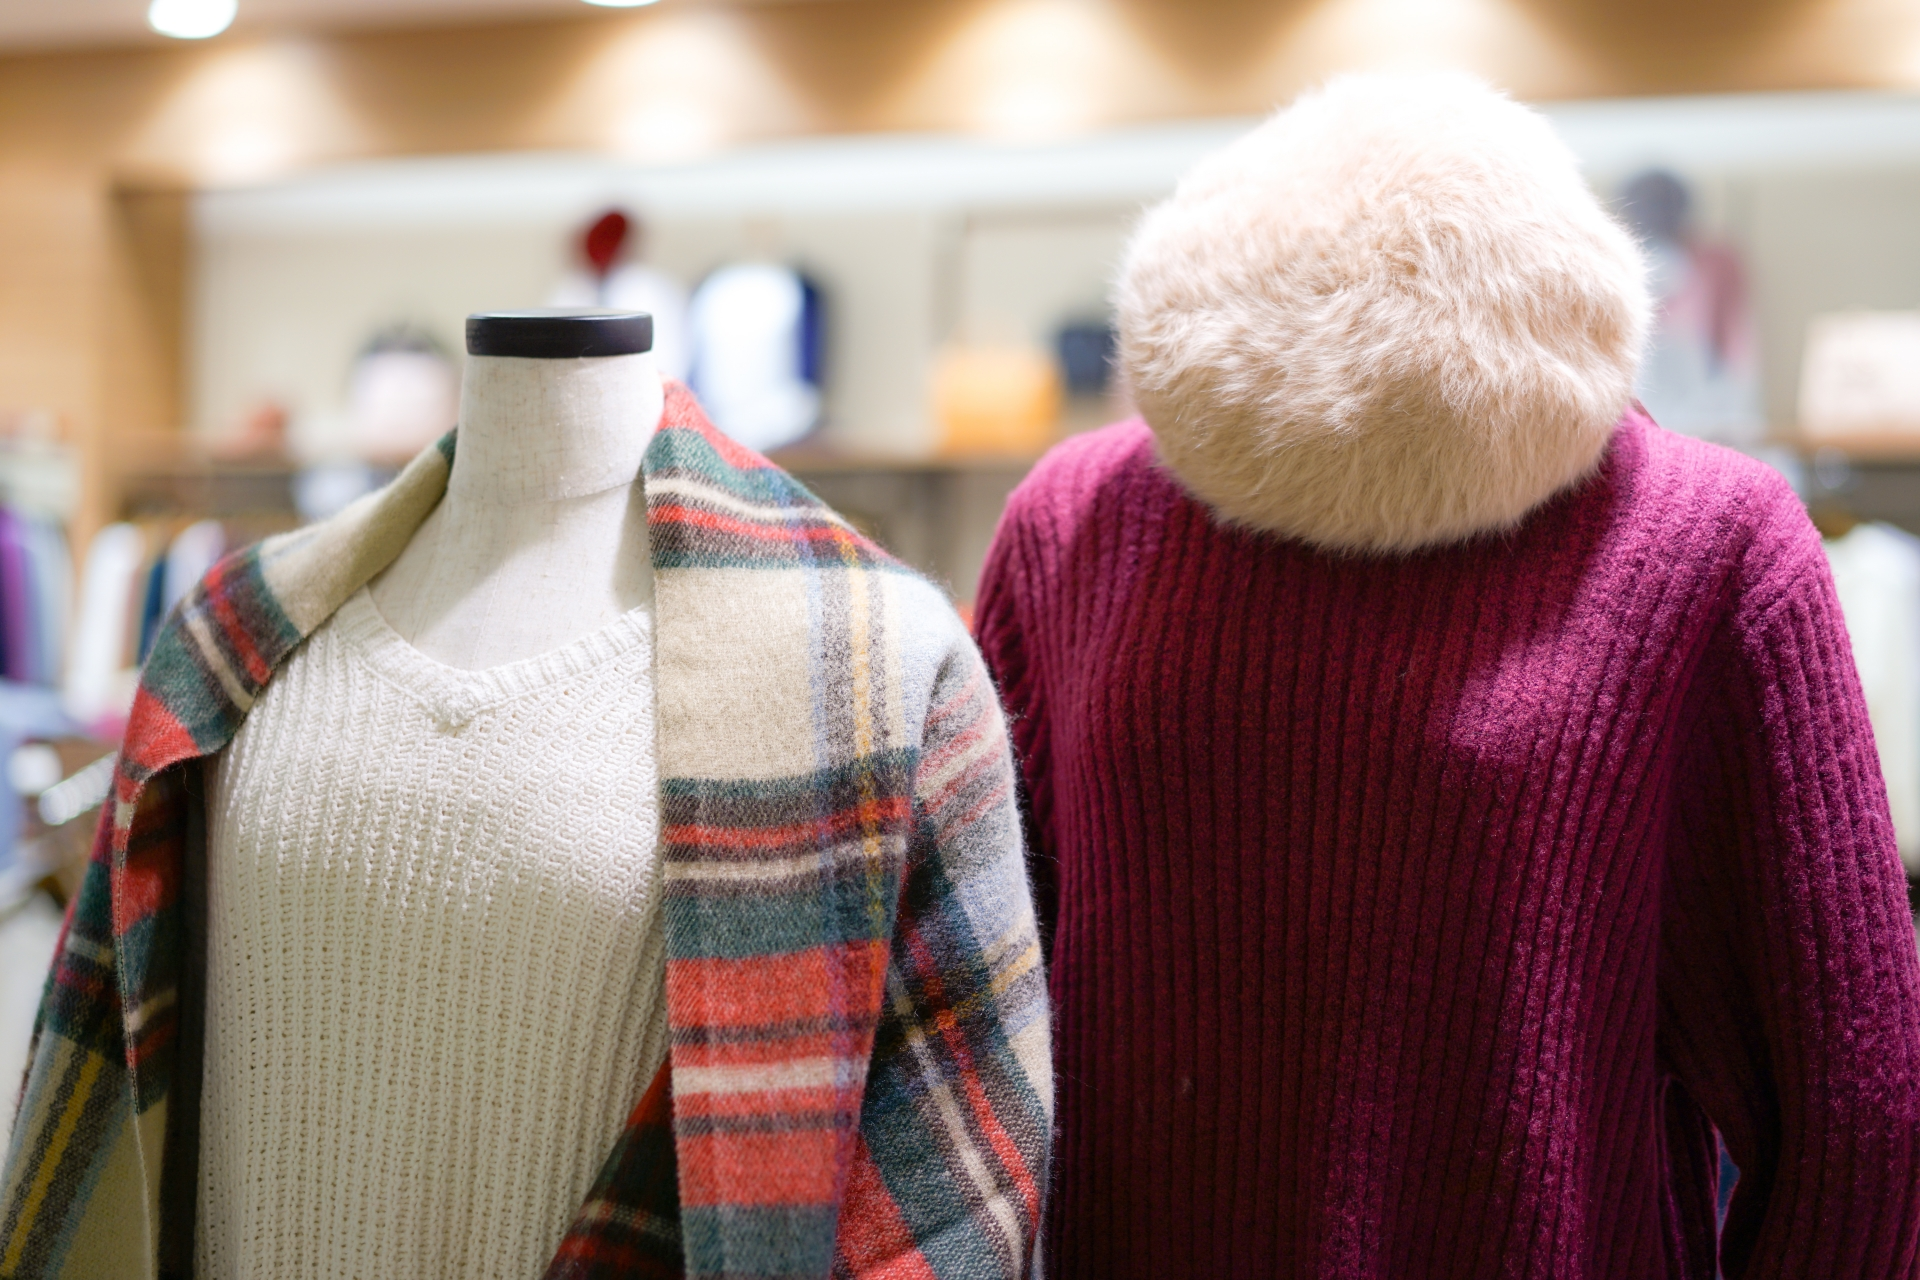 札幌旅行で気になる服装!11月上旬に適した服装のポイント♪